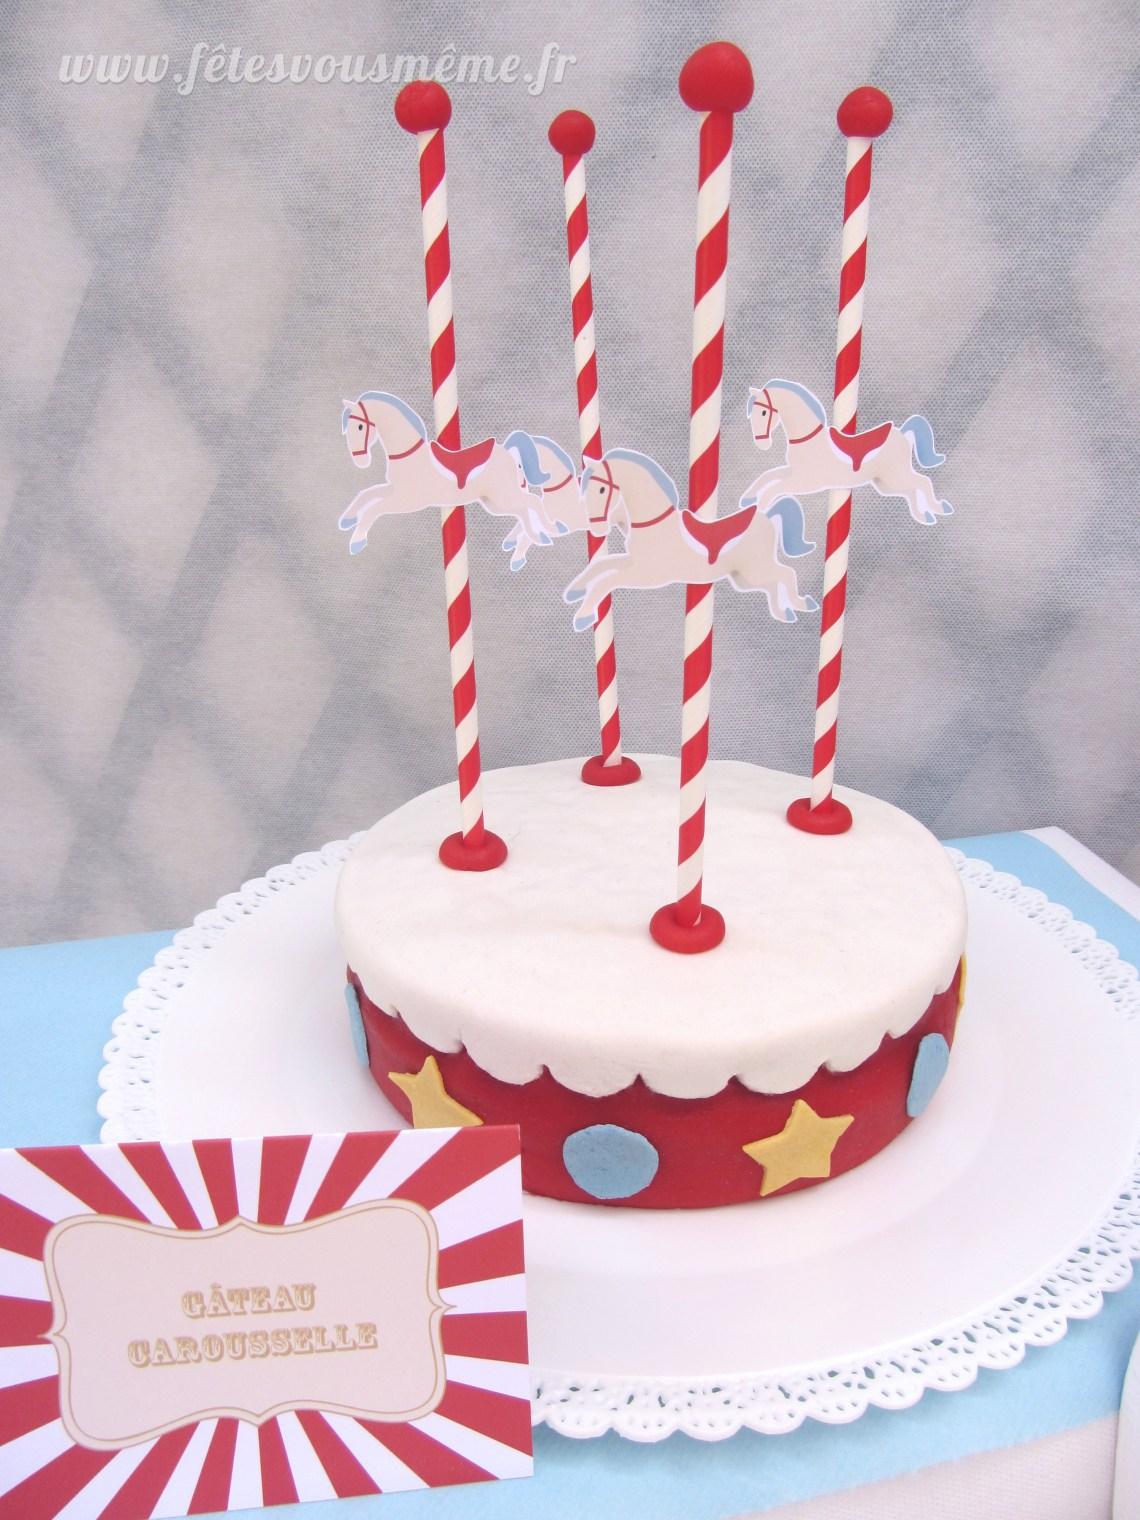 Gâteau Carrousel - Fêtes vous même